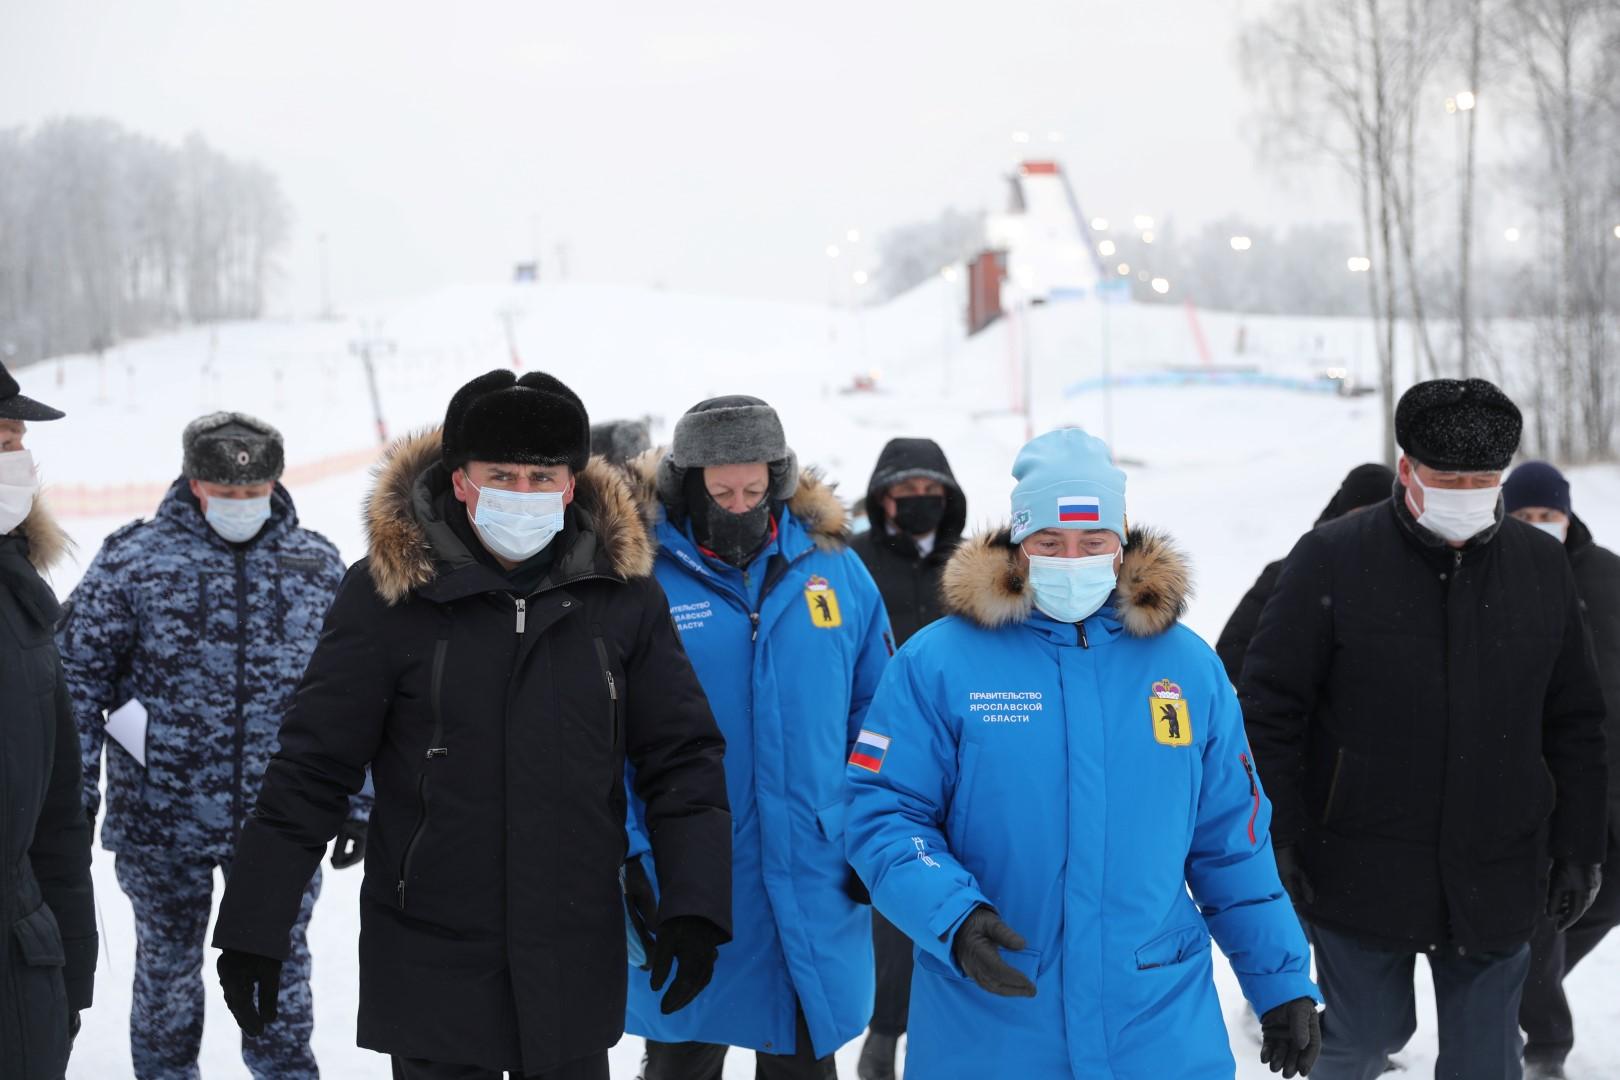 Дмитрий Миронов оценил готовность спорткомплекса «Подолино» к этапу Кубка мира по фристайлу